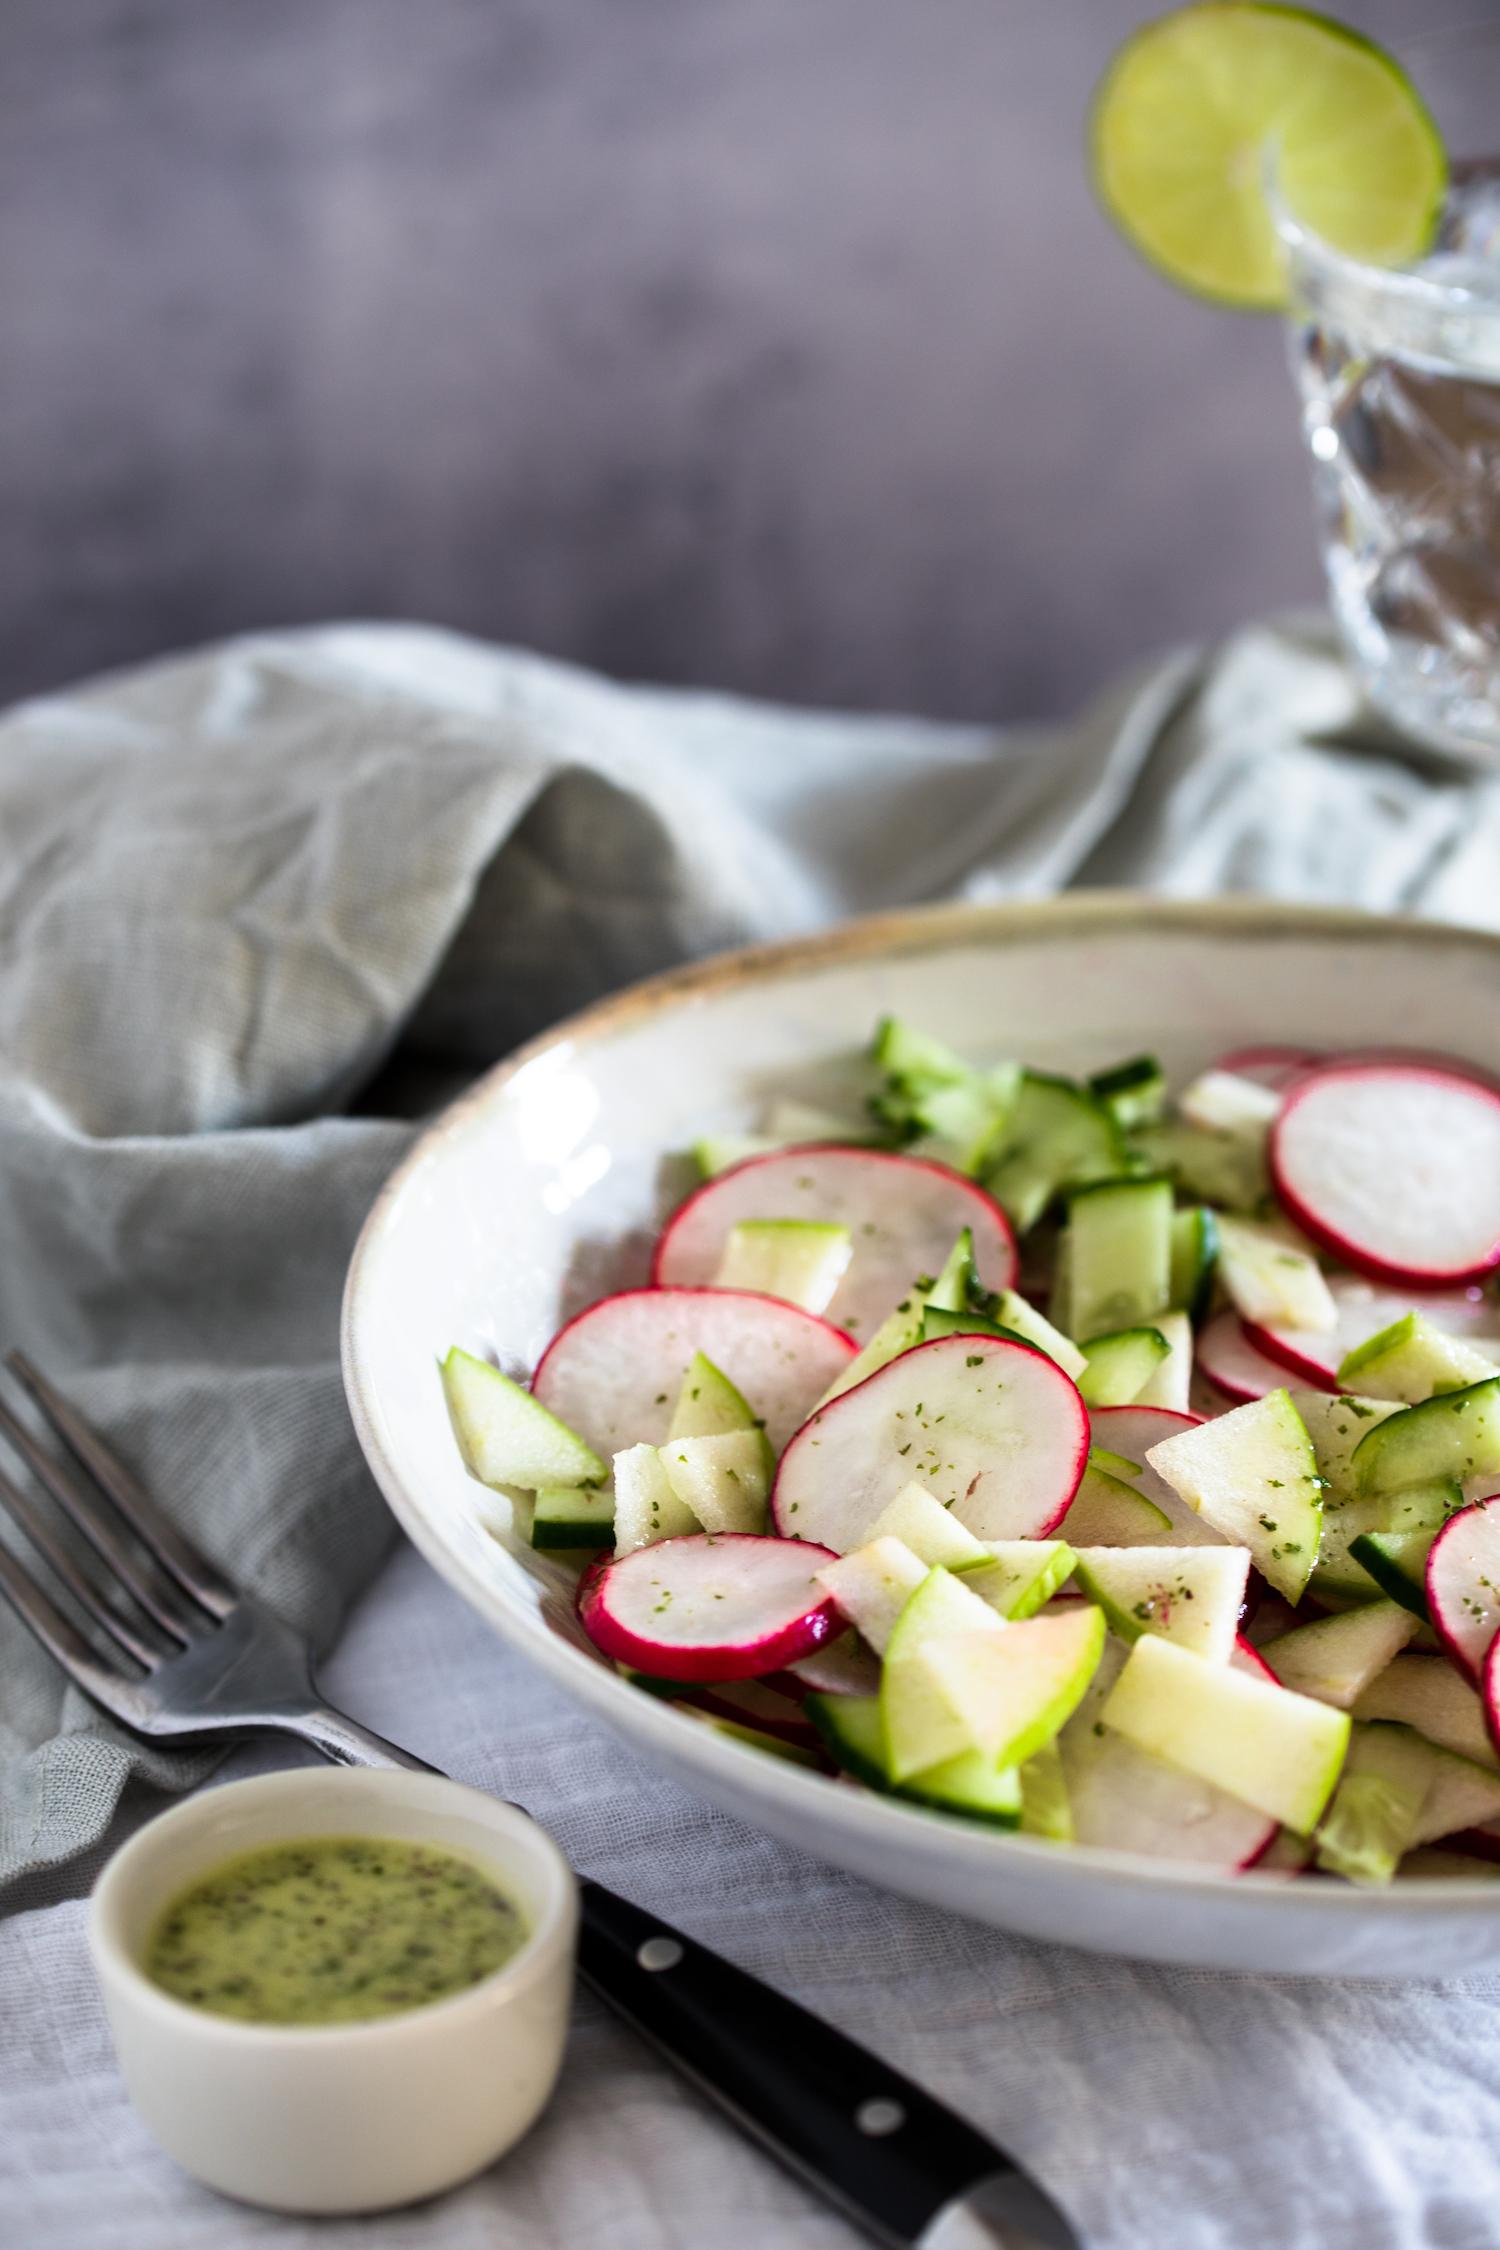 Radieschensalat in einer Schüssel serviert.